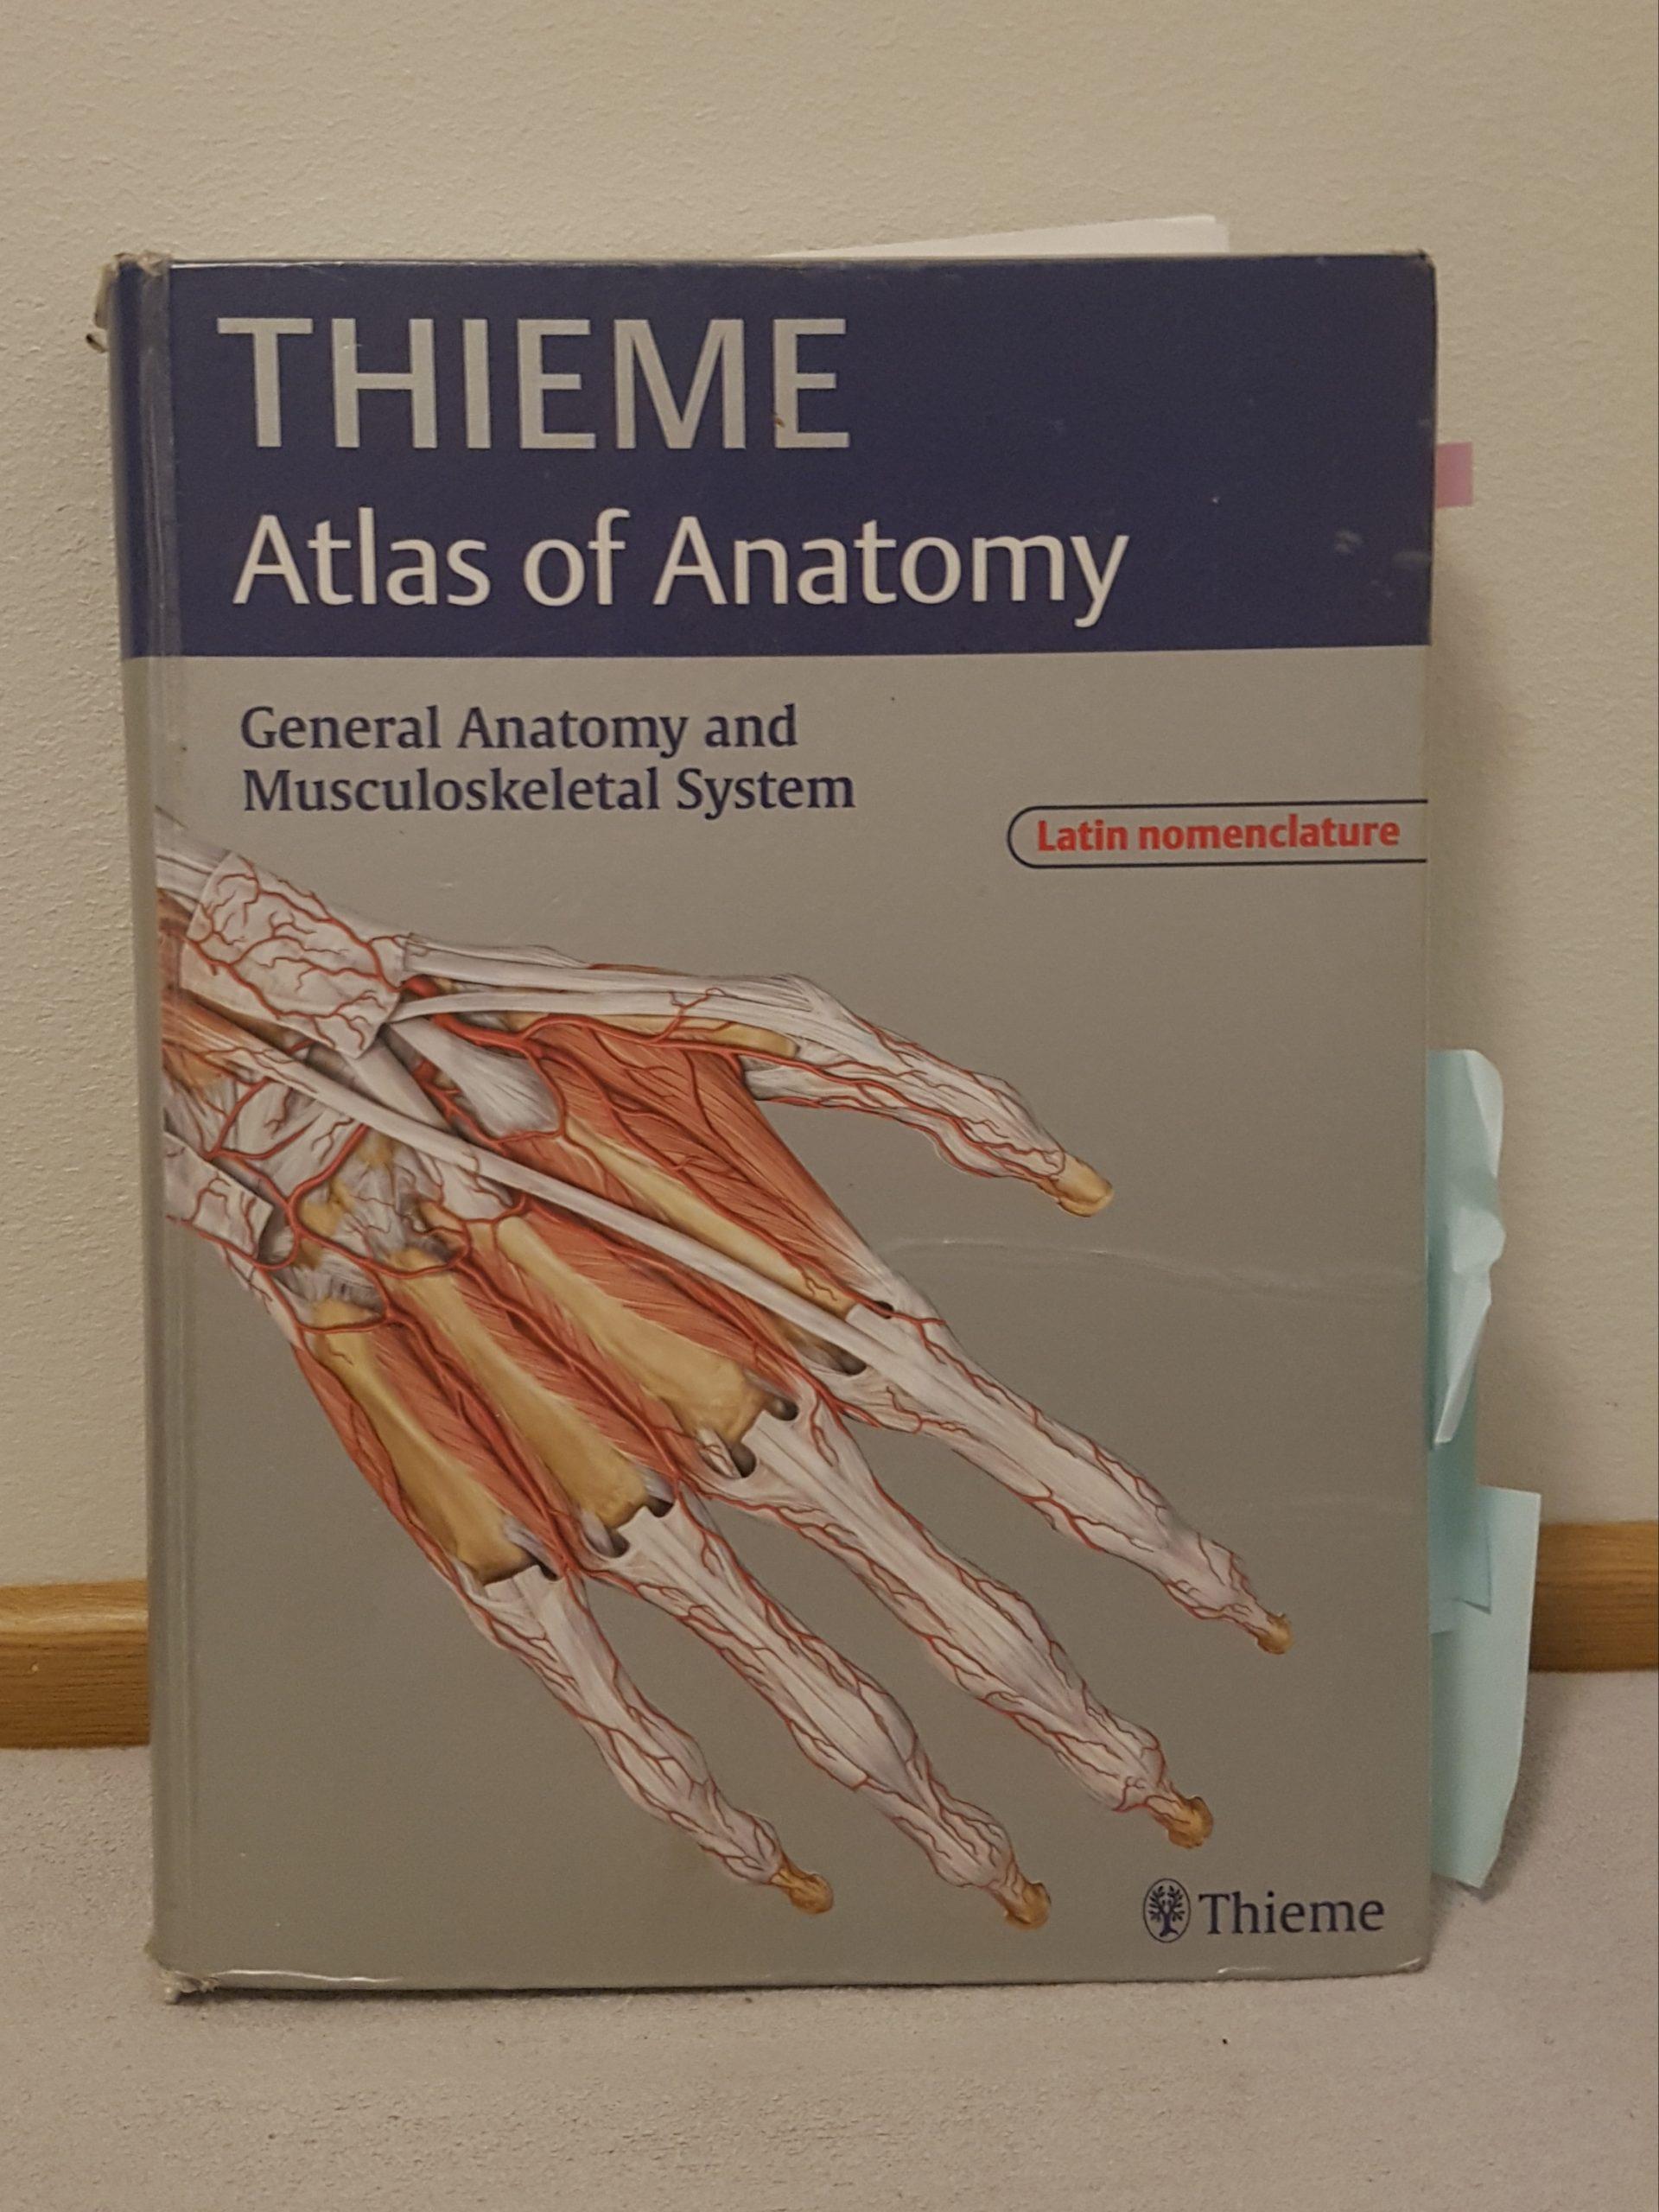 Paras anatomian kirja on THIEME Atlas of Anatomy.